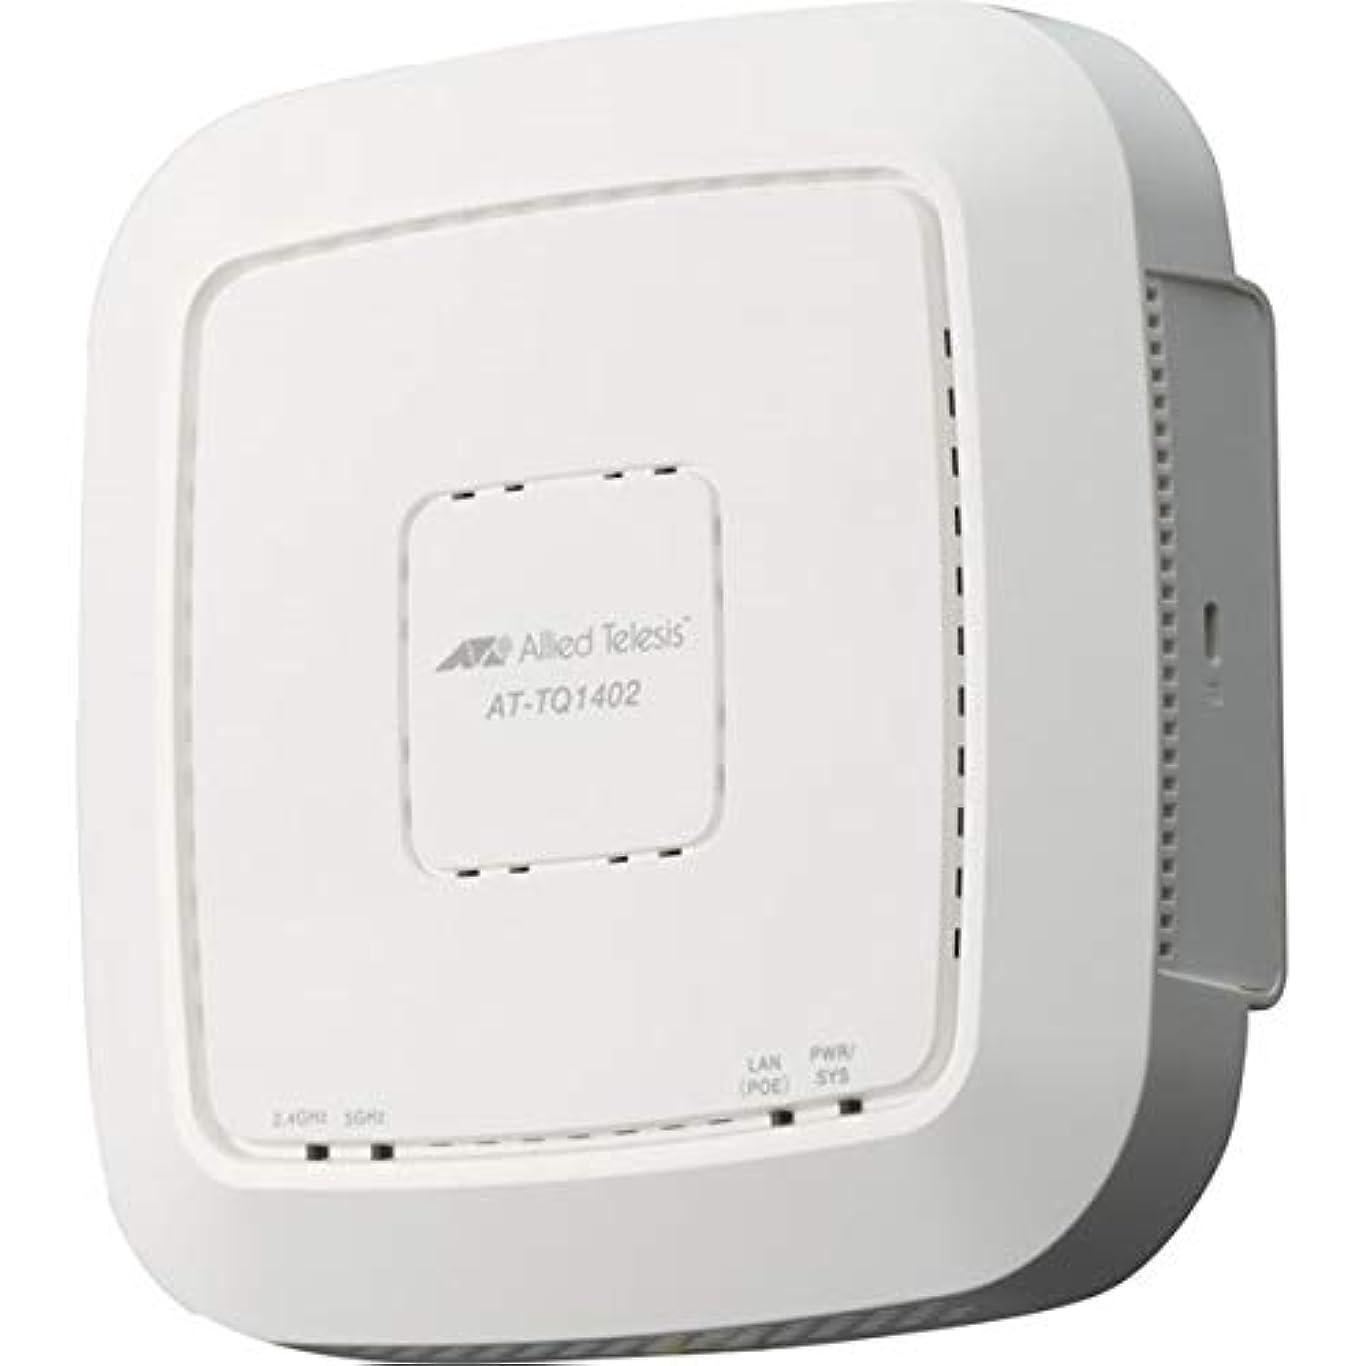 下手傷つける菊アライドテレシス 4053RZ5 AT-TQ1402-Z5 無線LANアクセスポイント